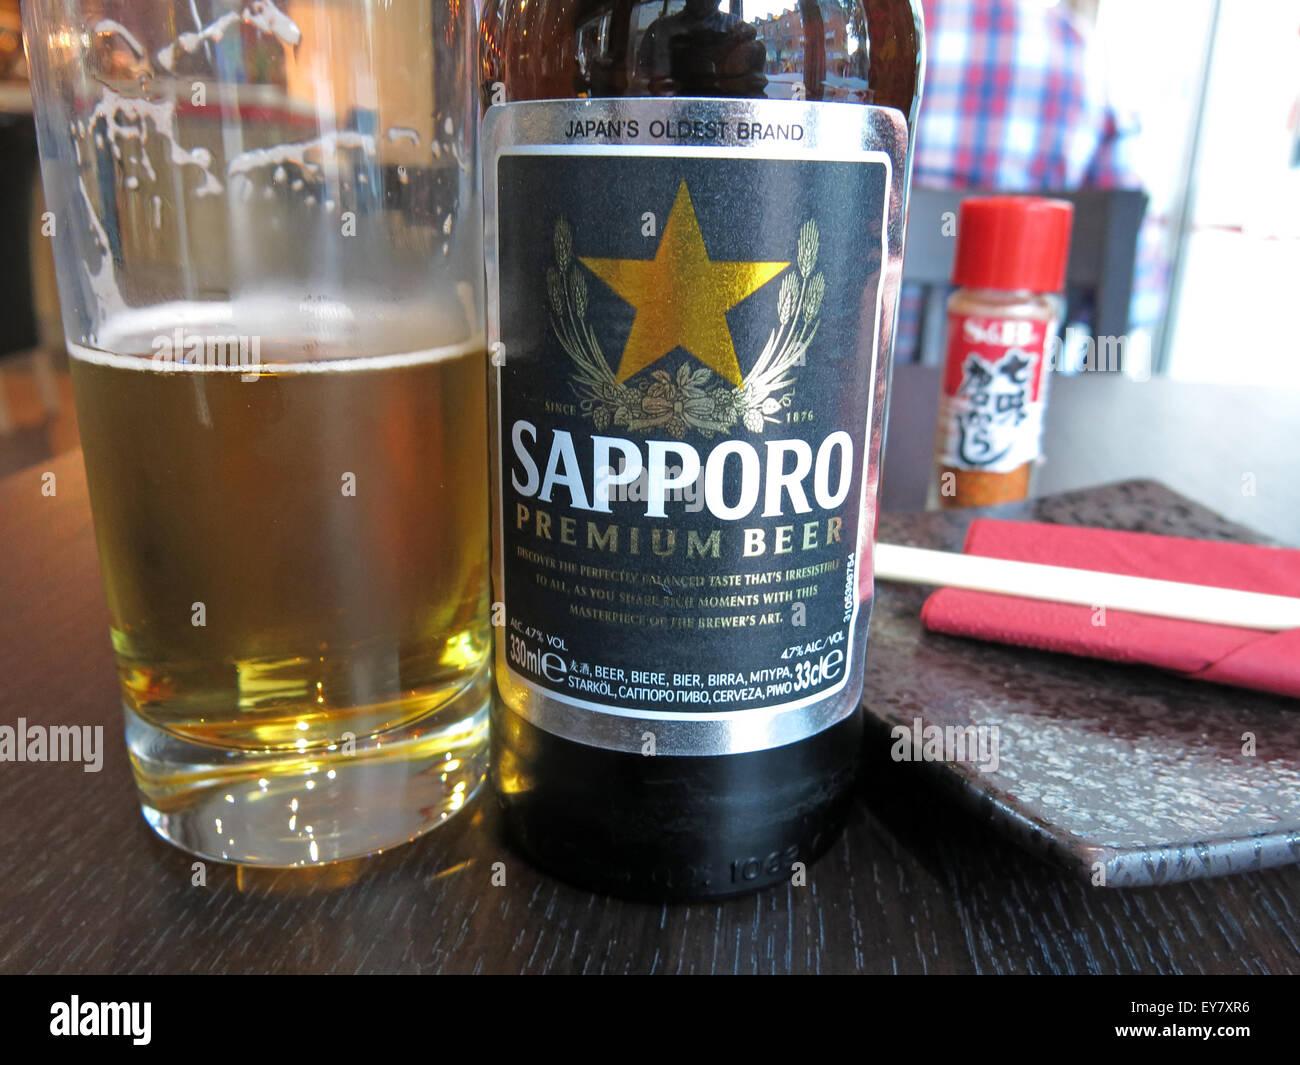 Laden Sie dieses Alamy Stockfoto Essen in einem japanischen Restaurant, Leeds, England, UK - Sashimi Tempora Miso-Suppe - EY7XR6